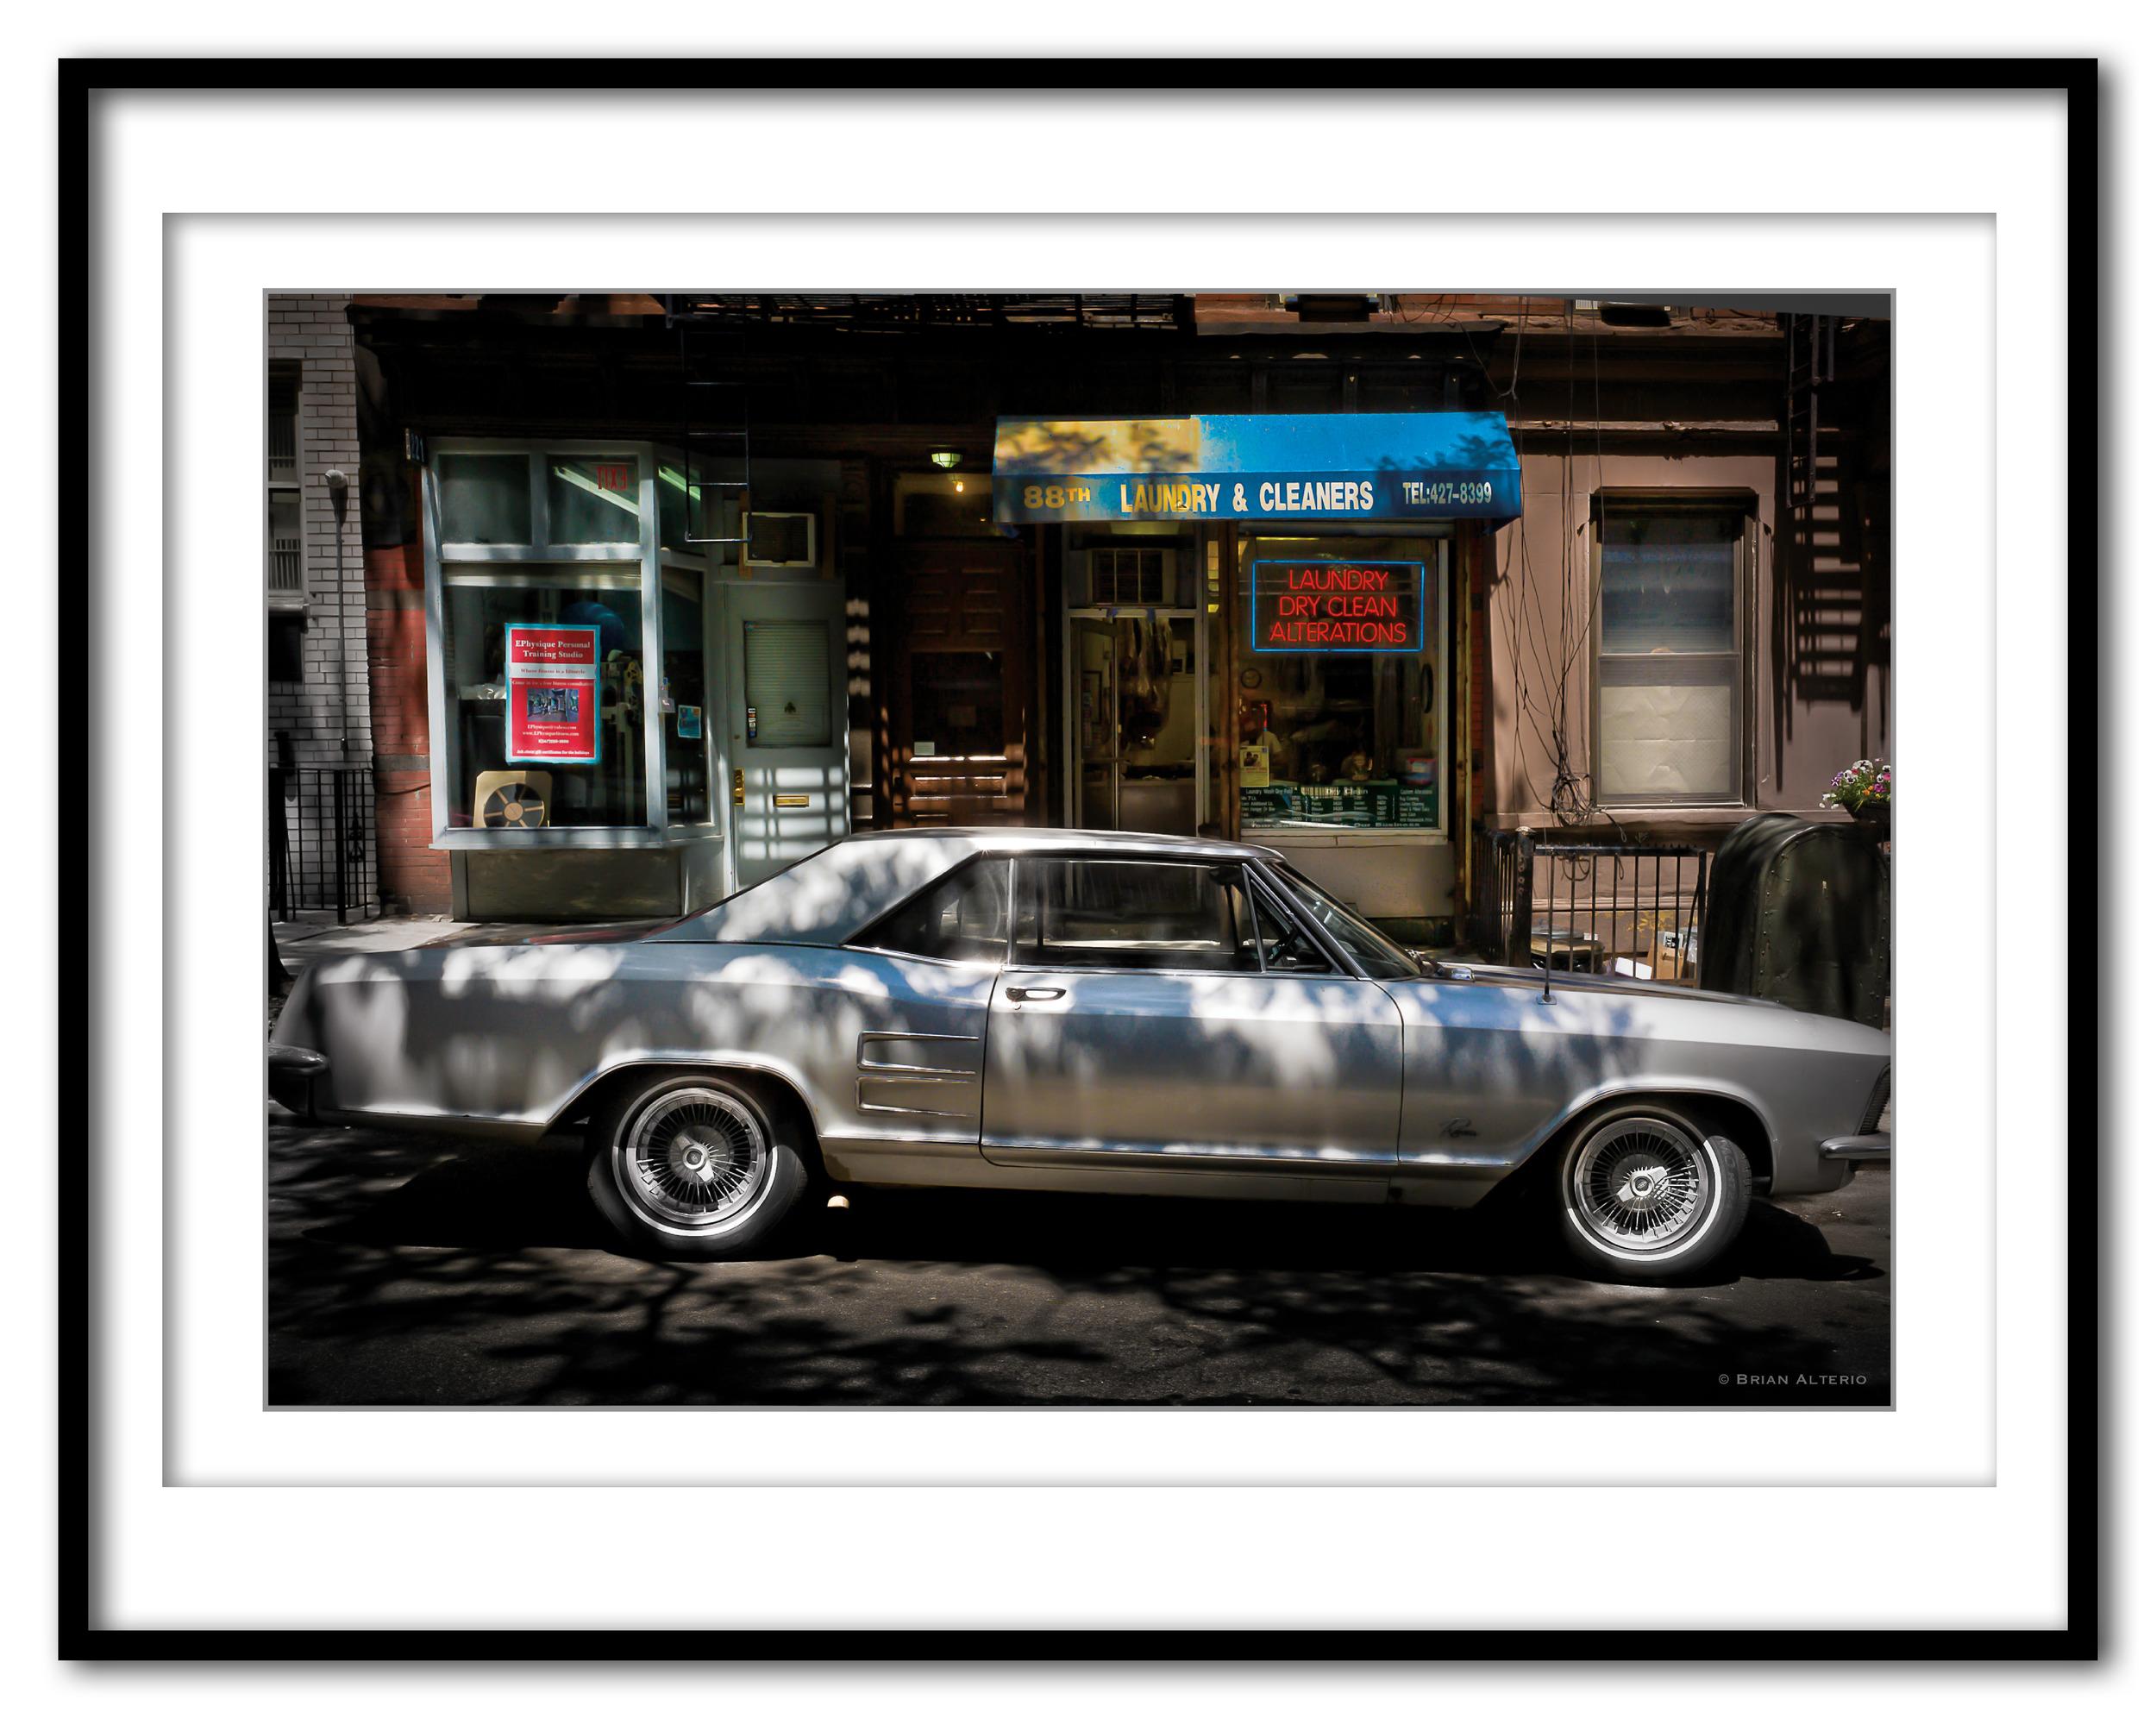 Buick Riviera - 6.2.16 - Framed.jpg